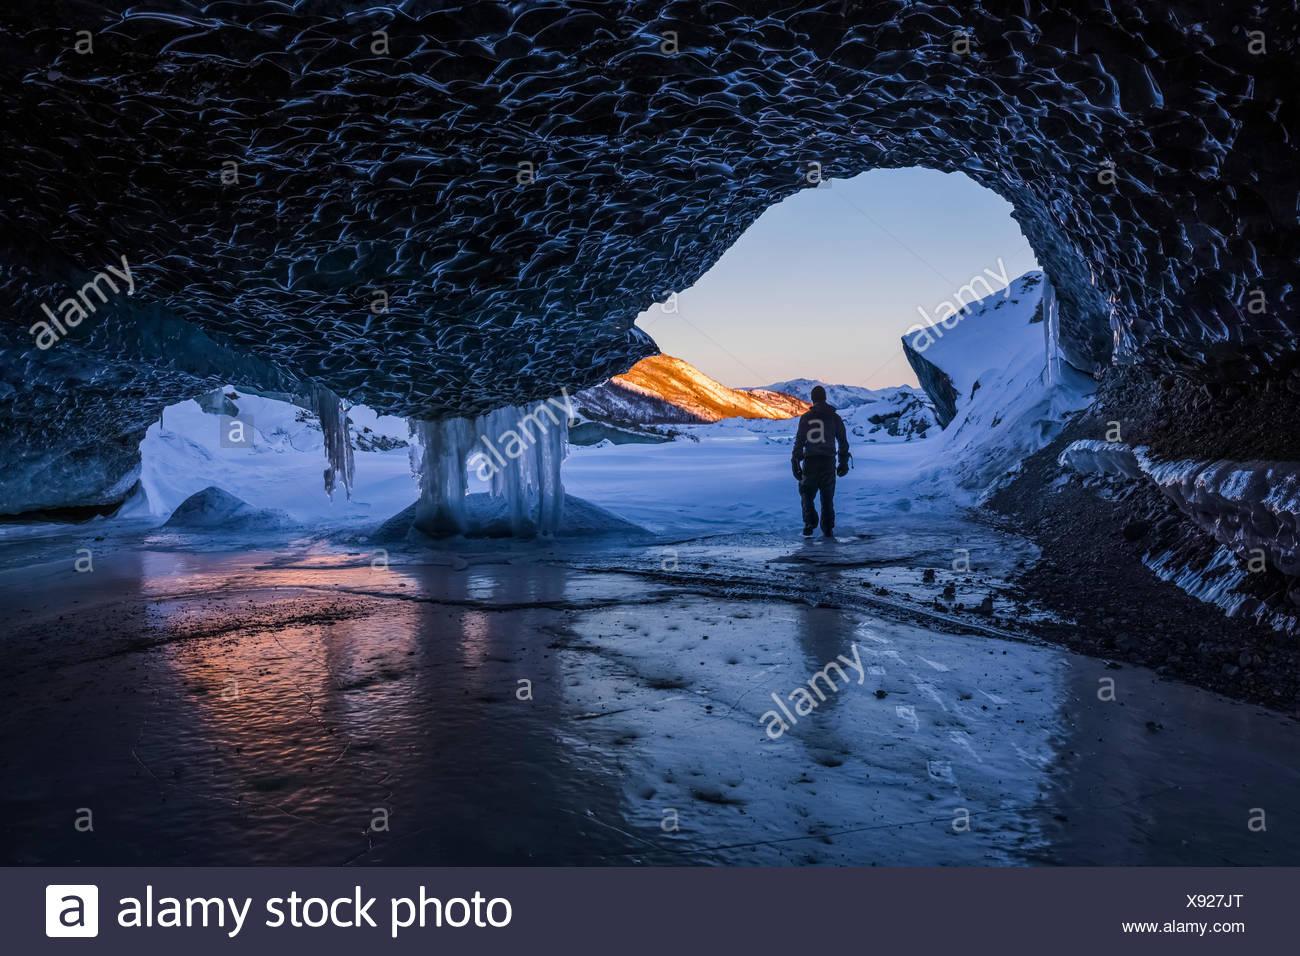 Ein Mann geht, der Eingang eines Ice-Tunnels an der Endstation des Canwell-Gletscher in Alaska Range mitten im Winter; Alaska, Vereinigte Staaten von Amerika Stockbild